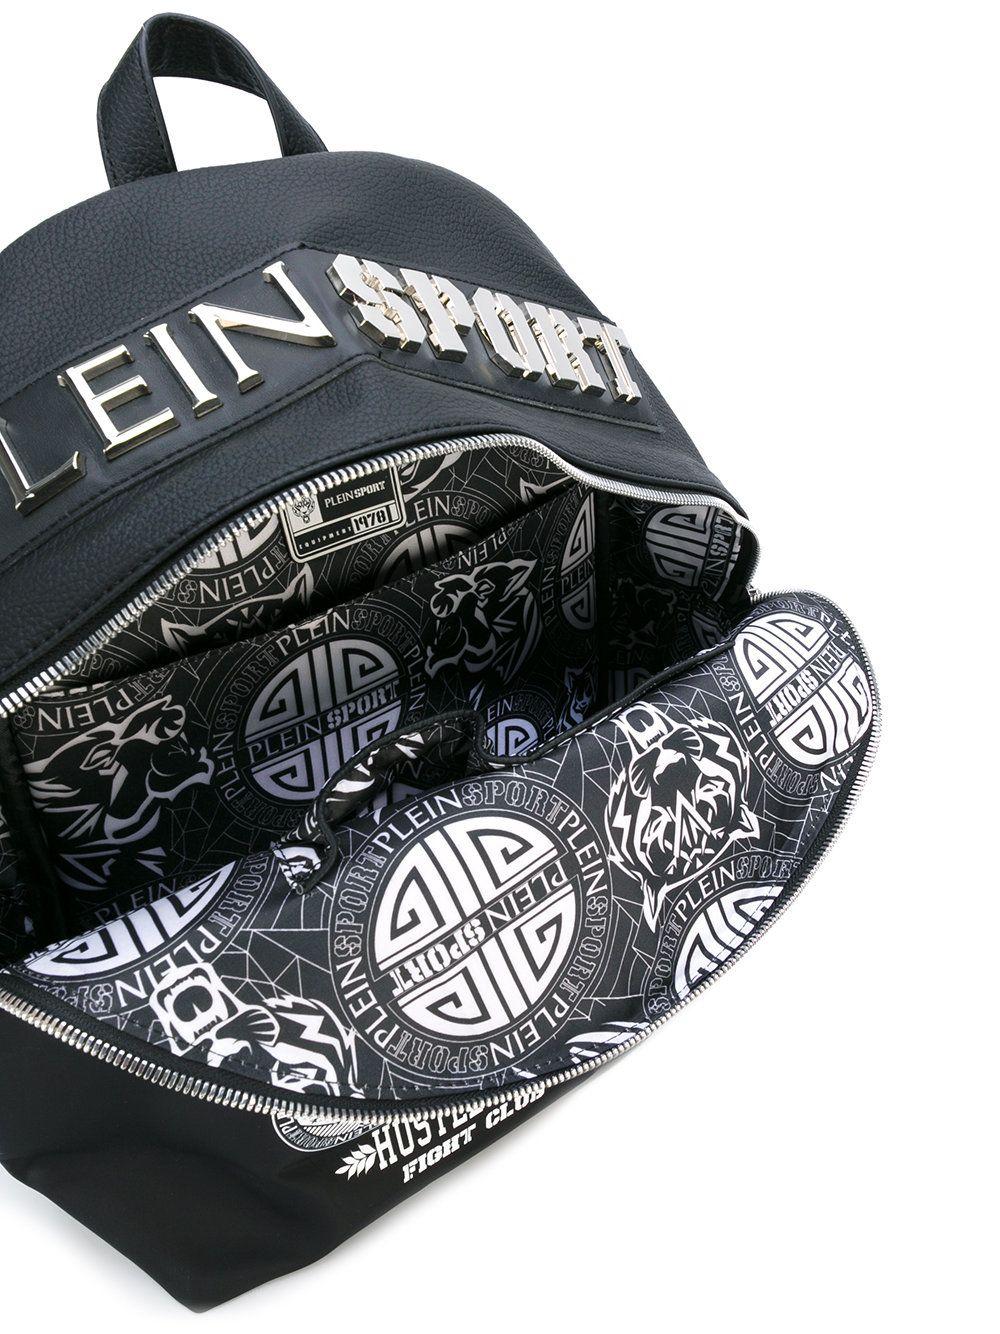 Plein Sport printed backpack